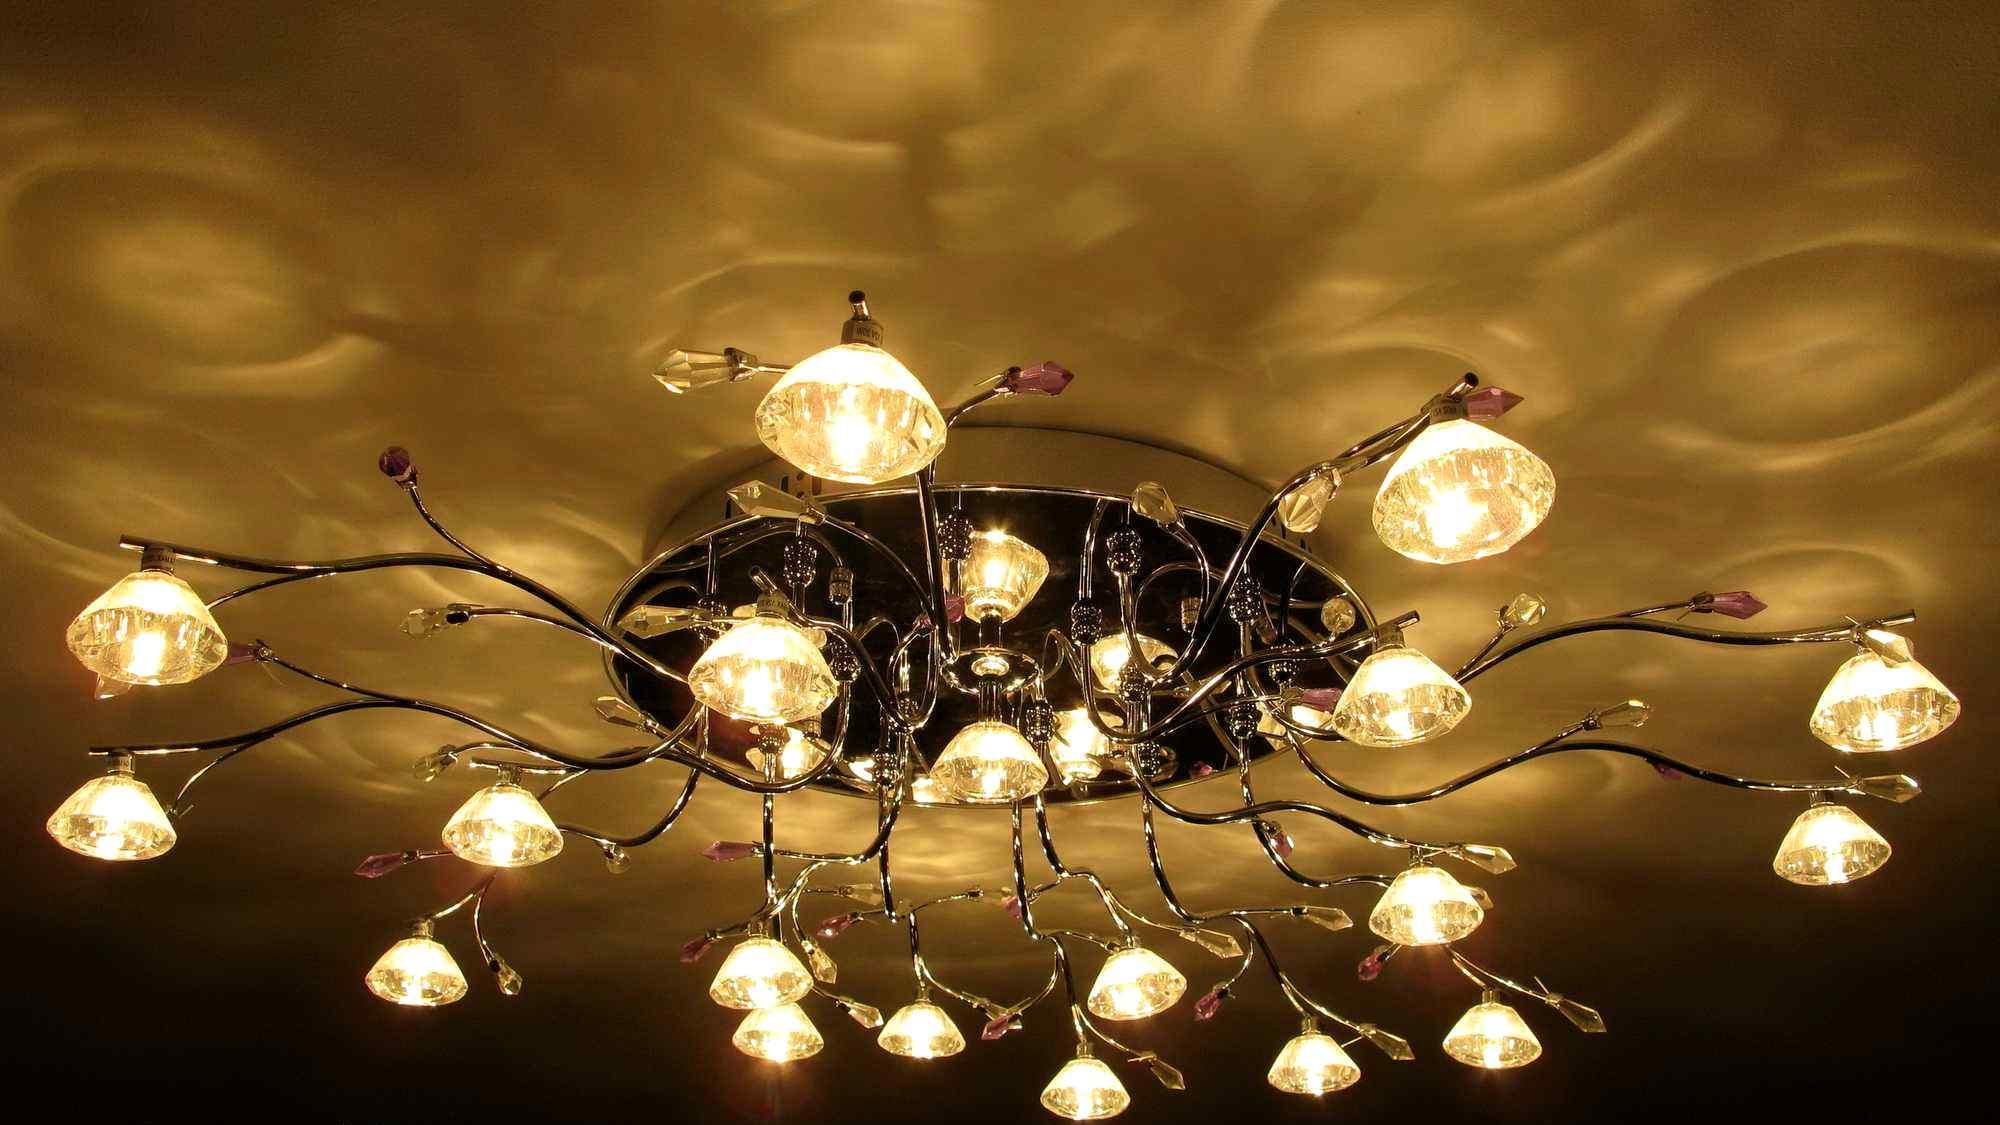 Освещение в моем доме люстра